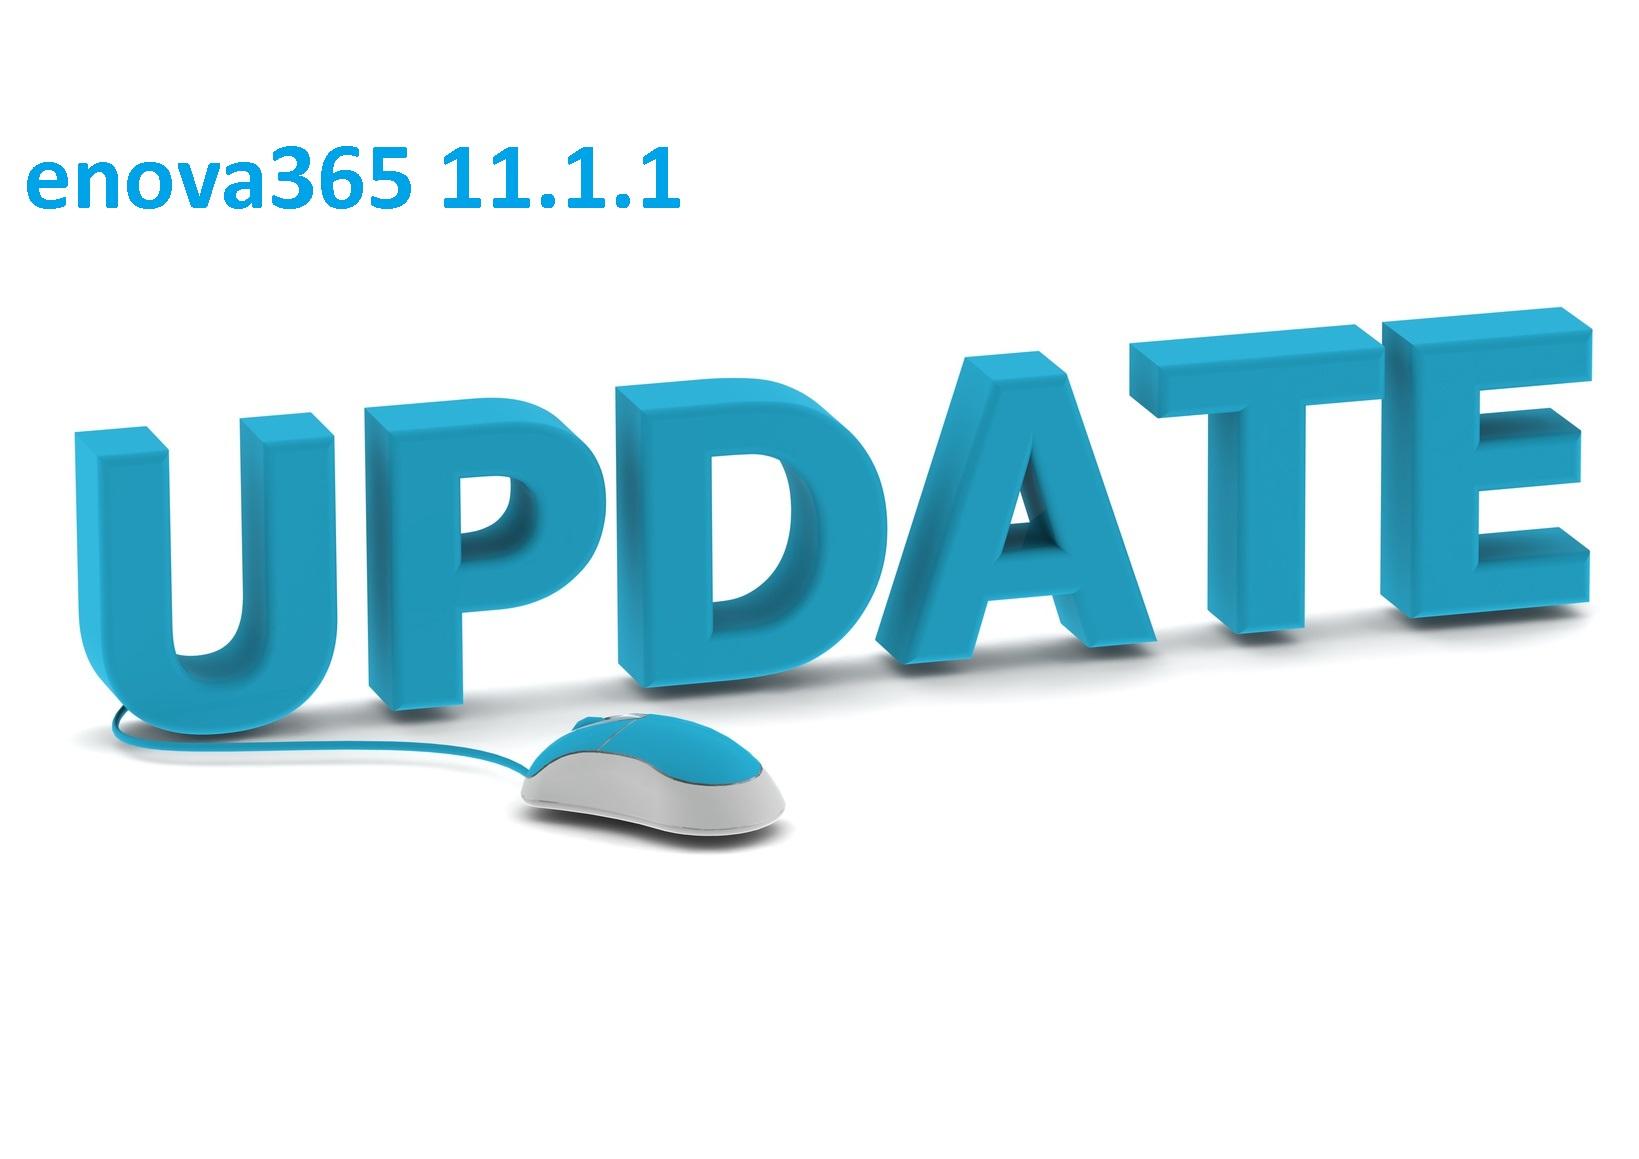 enova365 11.1.5857 - nowa wersja